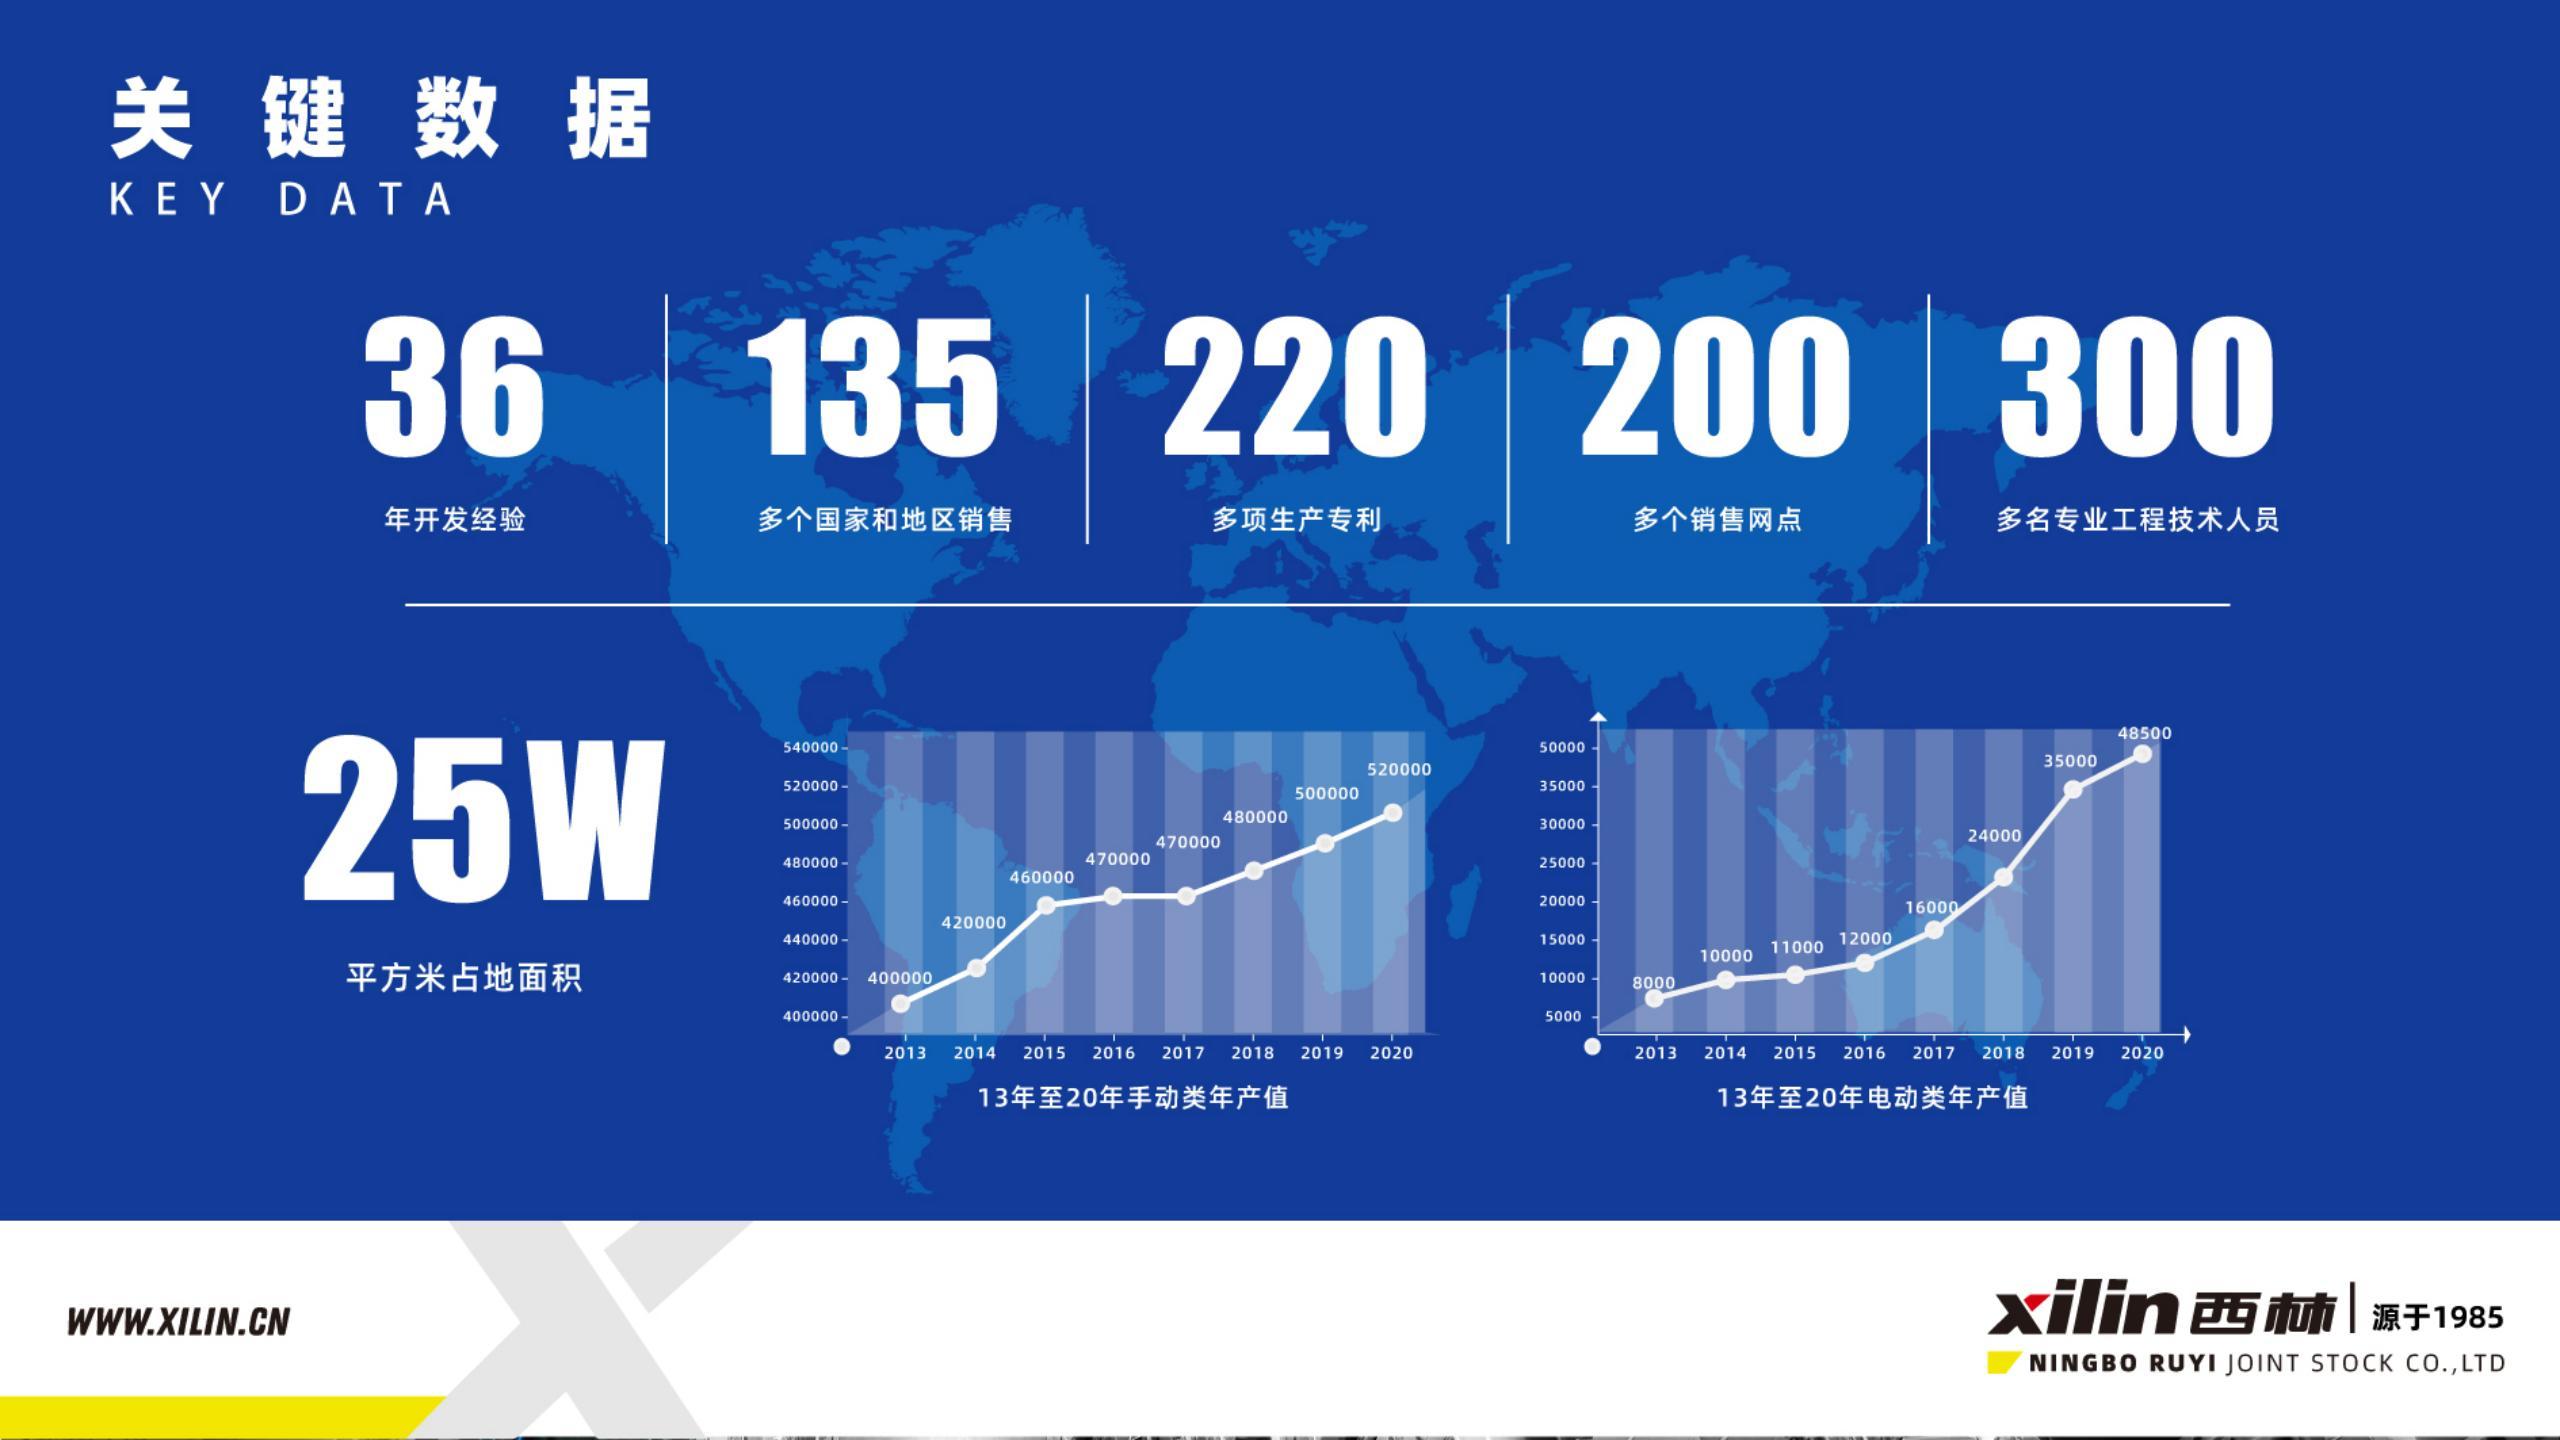 【西林bet9网站app】一站式仓储物流解决方案 lk 2021-8-25_06.jpg